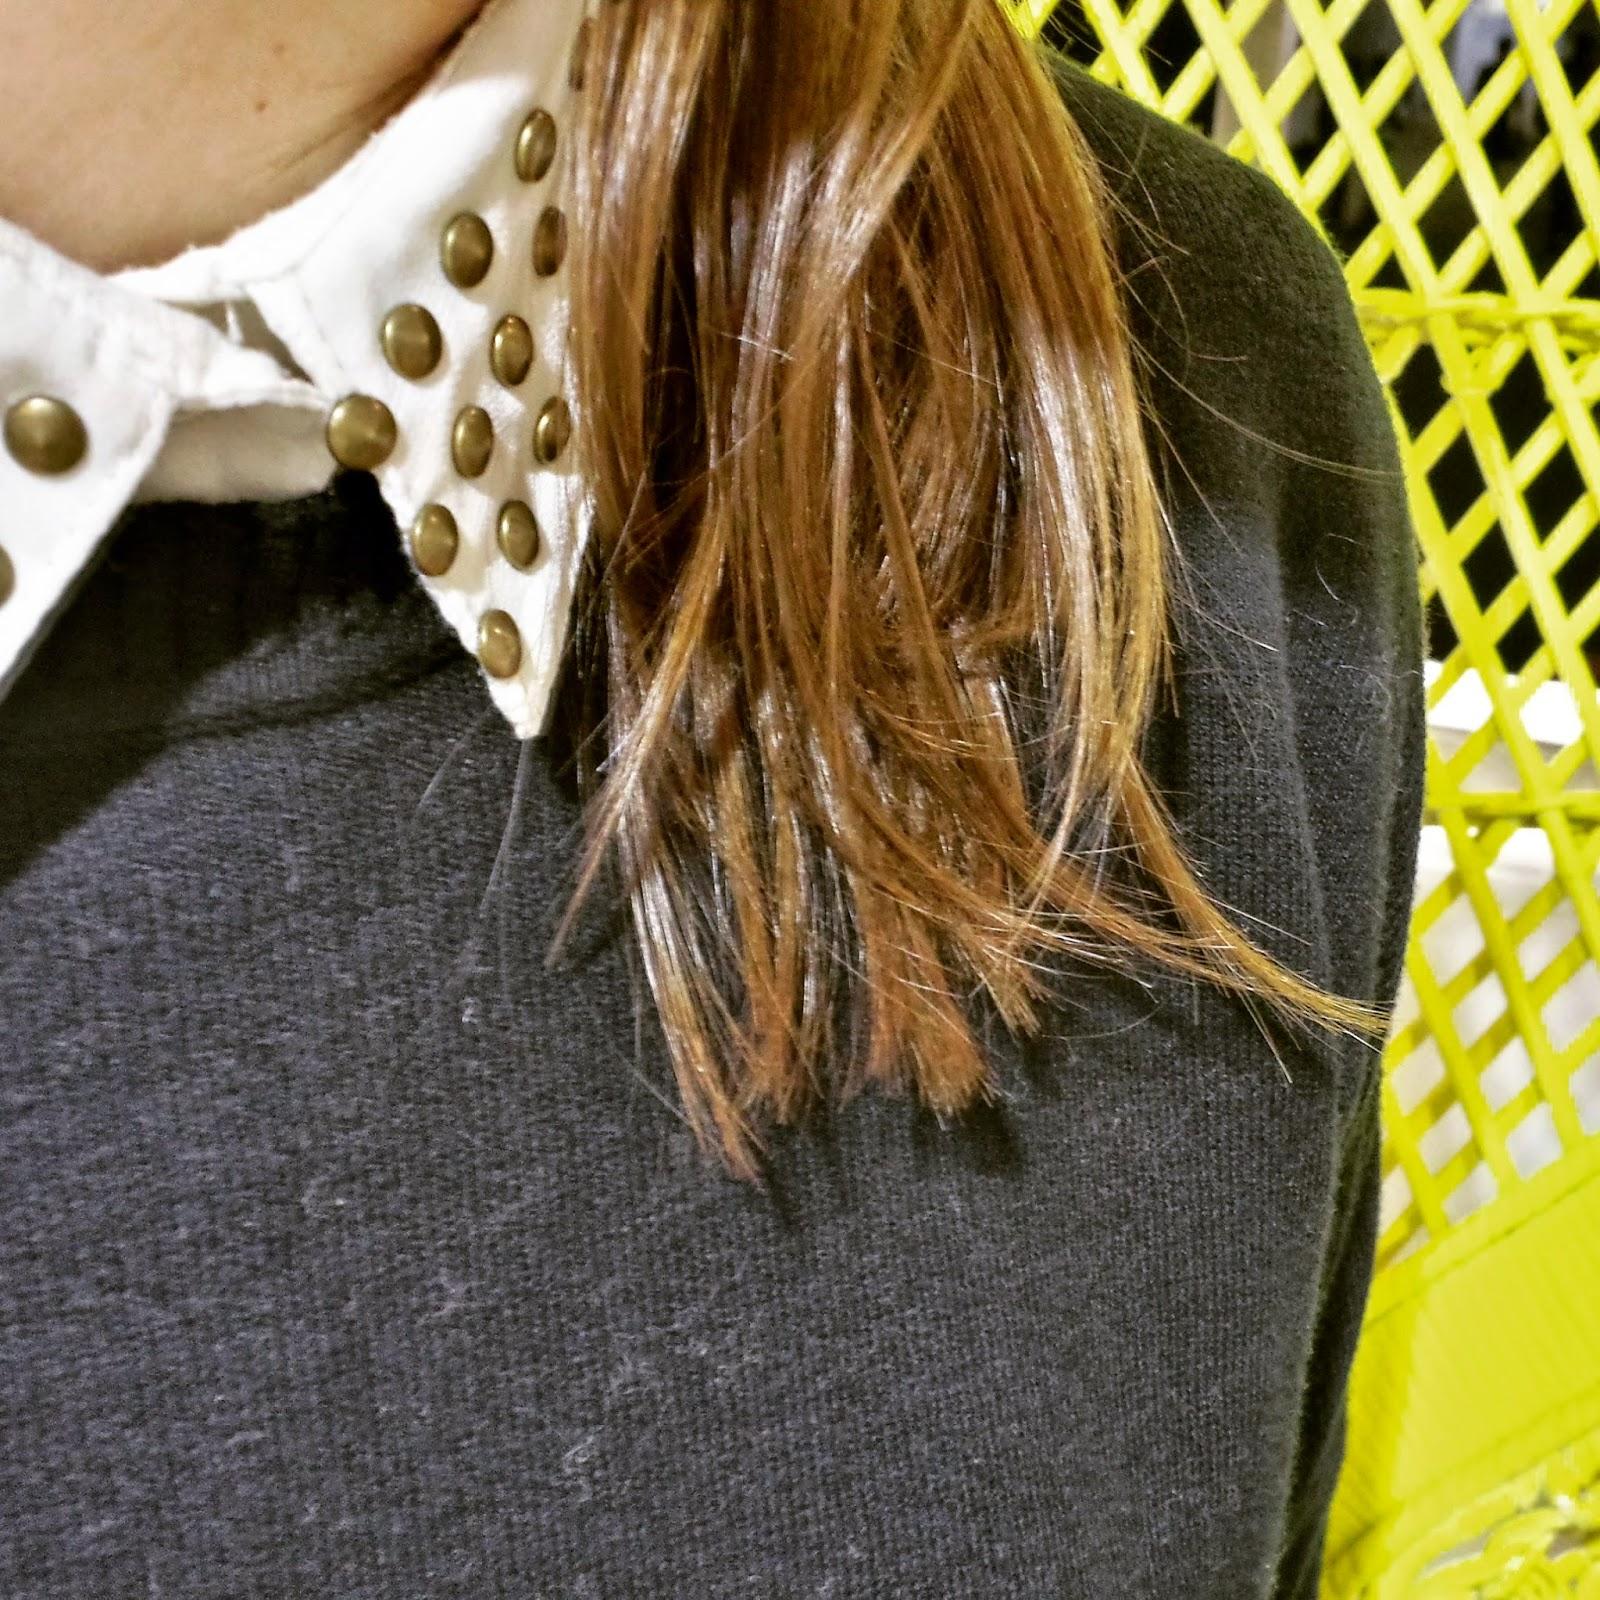 Dentro del divertido fashion club opté por un look sobrio en blanco y negro con una falda midi y un jersey básico negros y camisa blanca. La nota de color la doy con un bolso azul cielo de bimba y lola